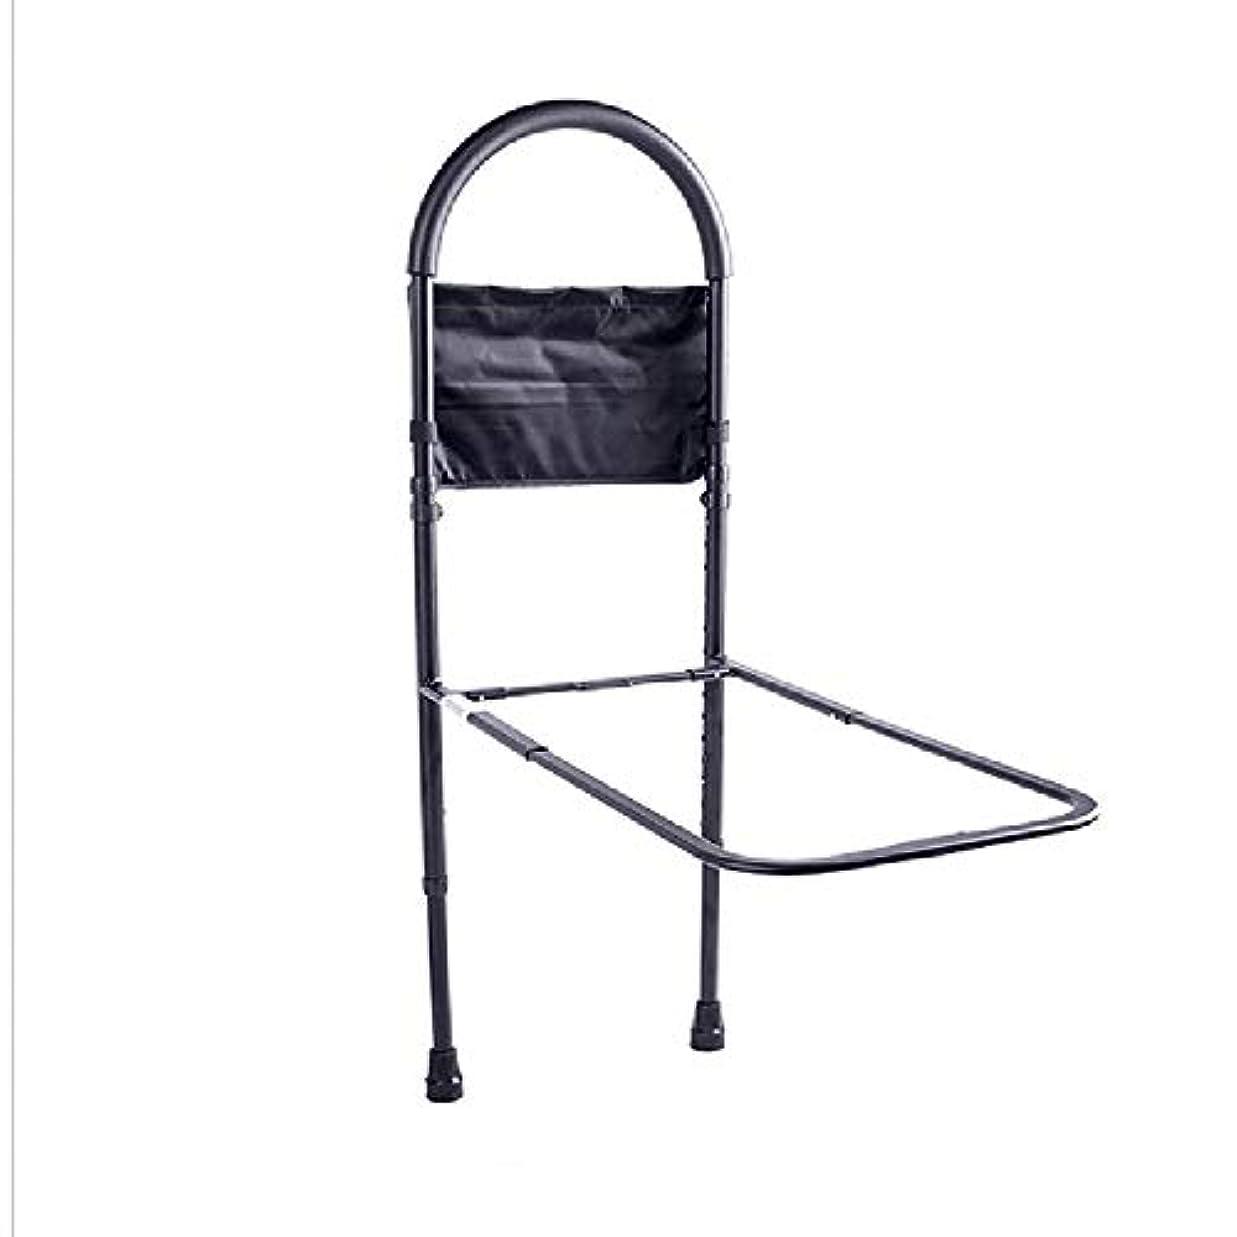 肥満者、身体障害者、ハンディキャップ、肥満者のための便利な収納ポケット付きのベッドレールアシストハンドル (Color : 黒)